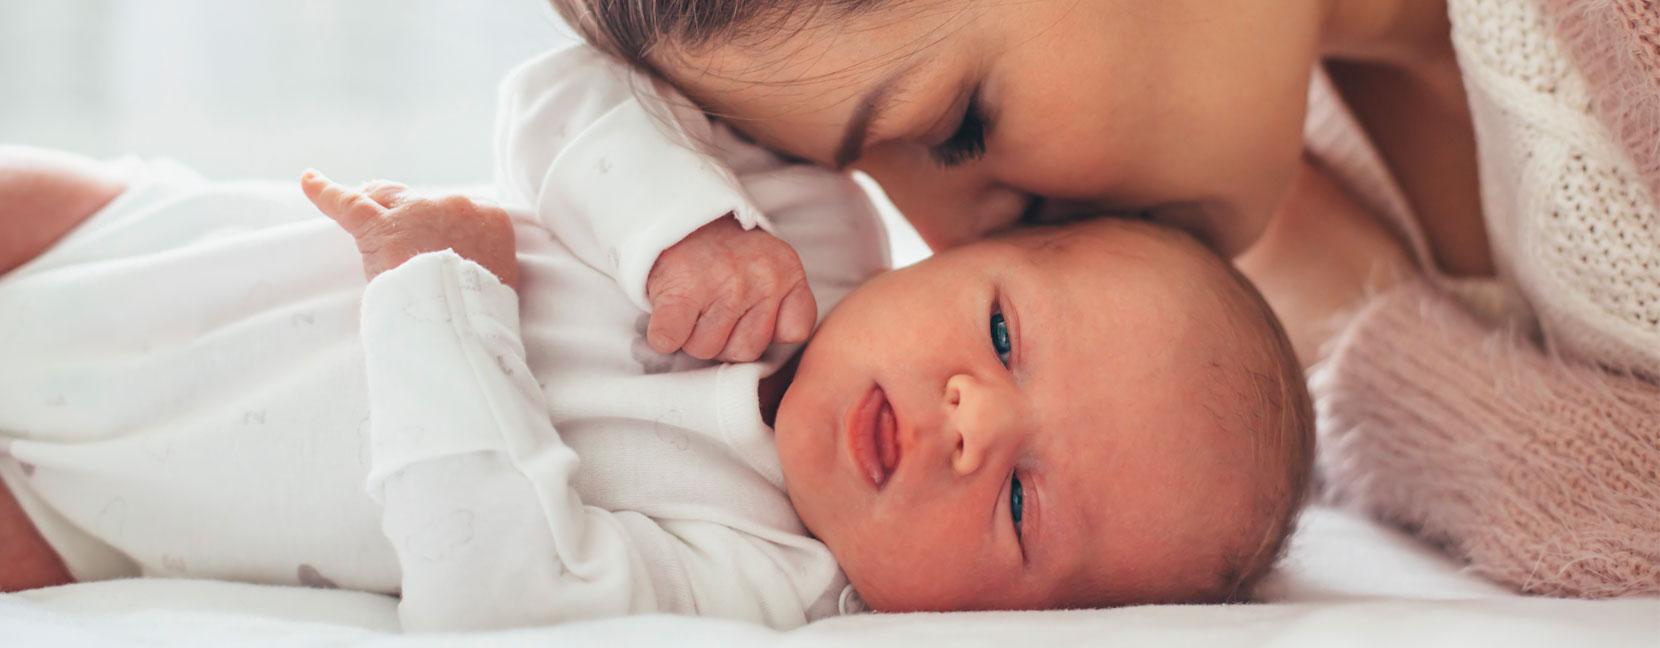 Mamma bacia il suo bimbo neonato senza ciuccio